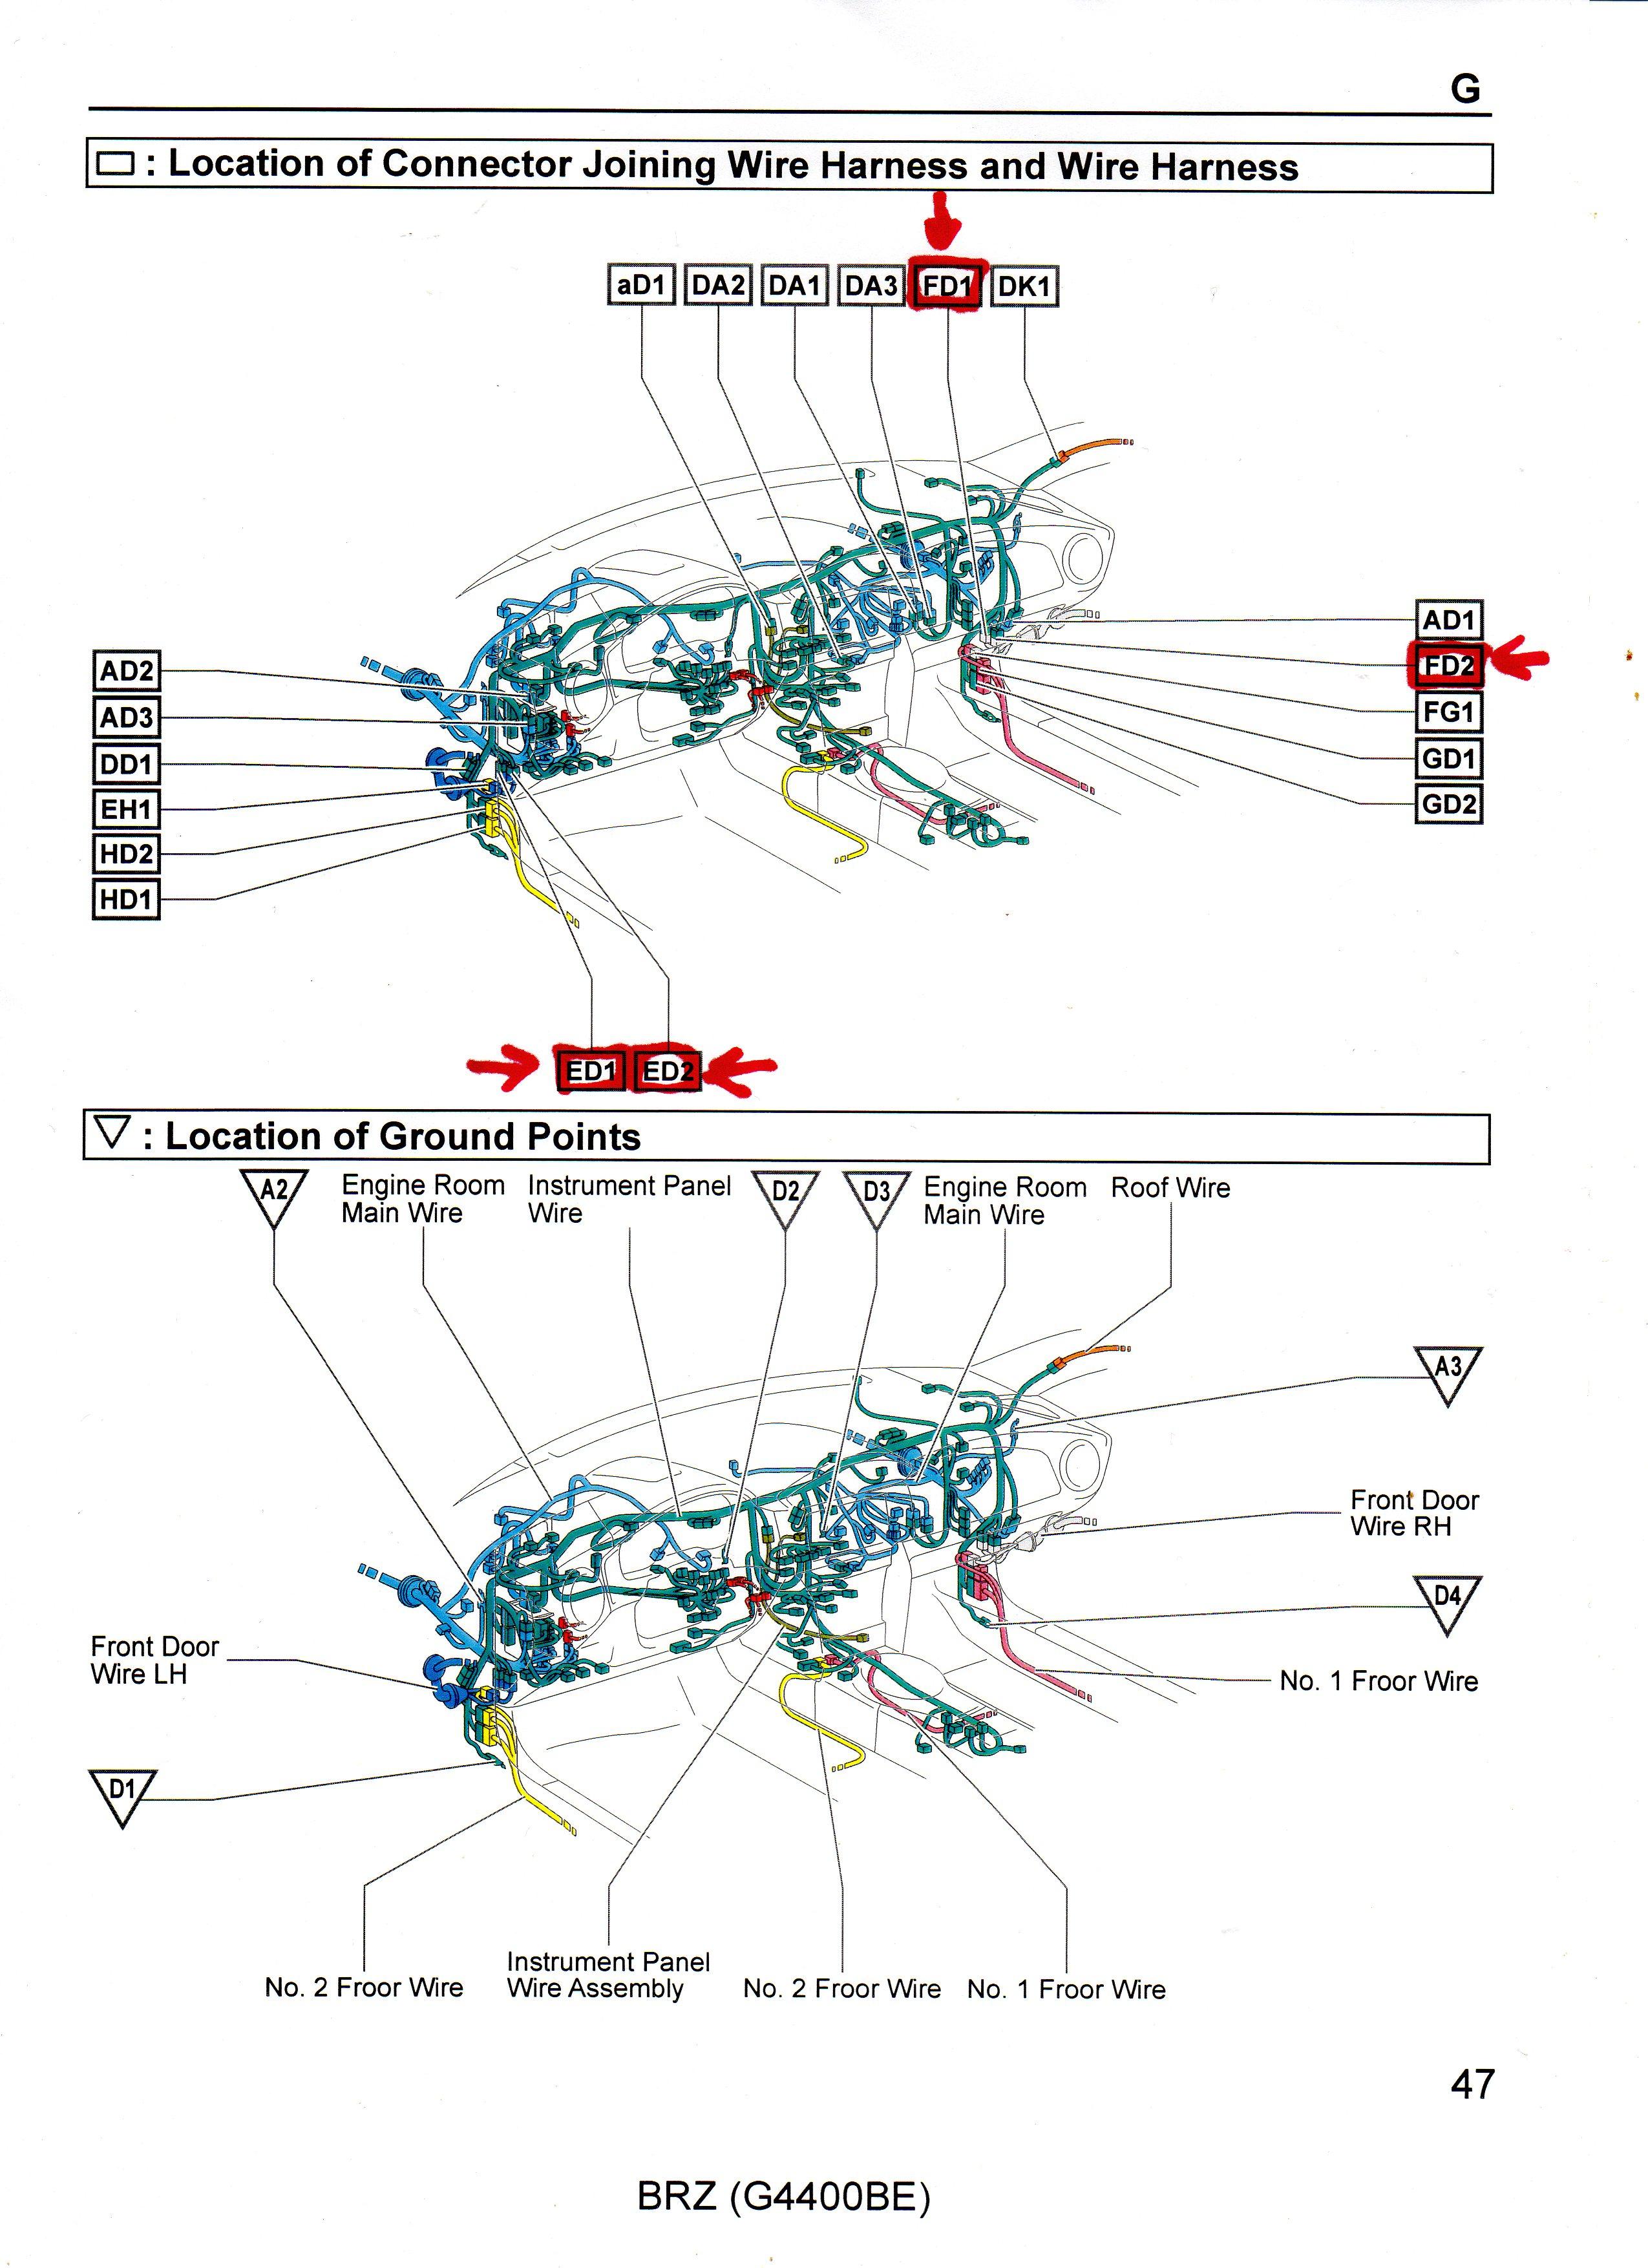 How to... beleuchtete Einstiegsleisten - How To´s - gt86drivers.de ...